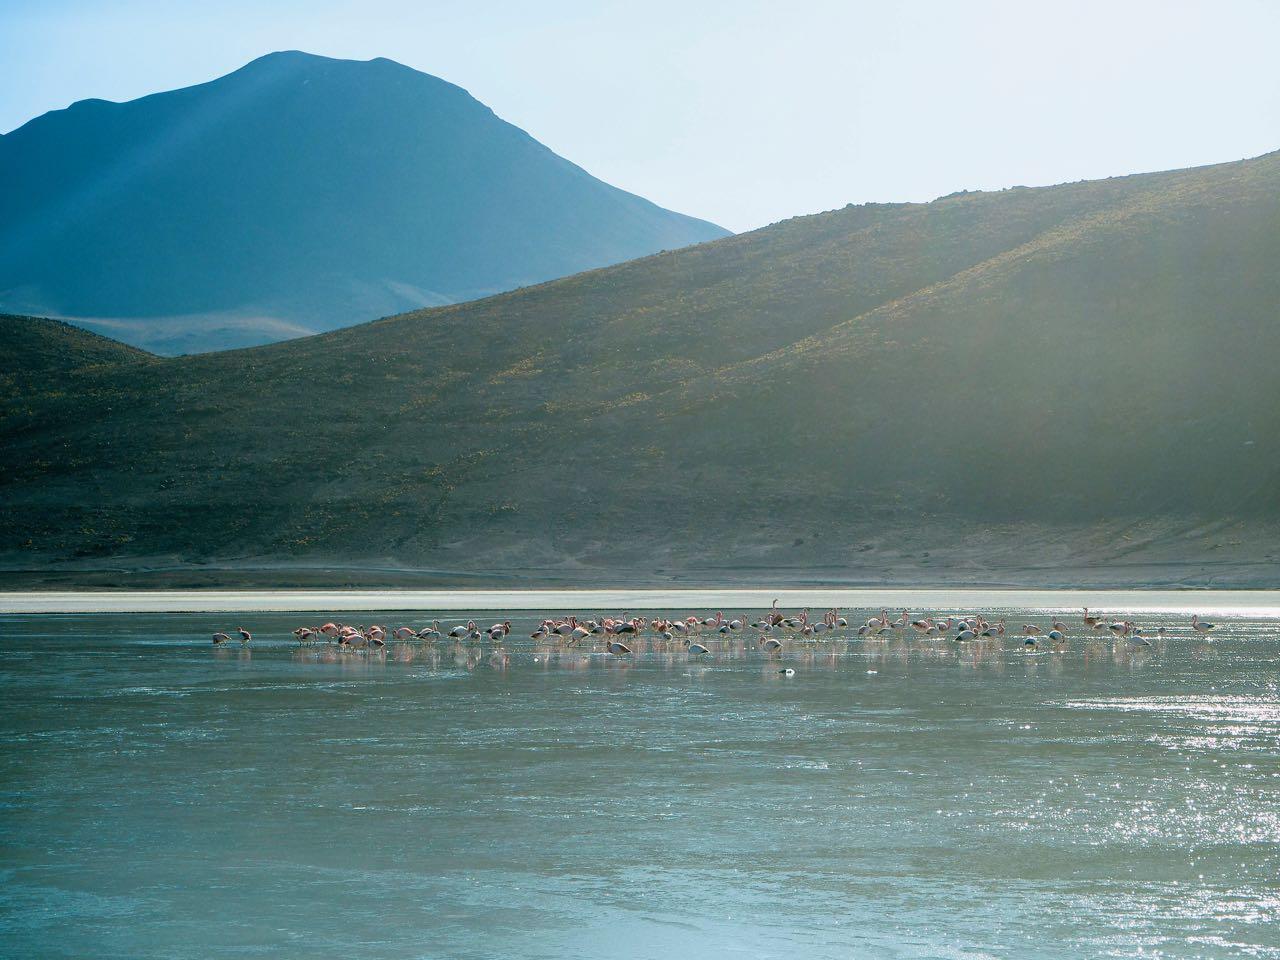 Am Morgen sind wir umgeben von Flamingos.